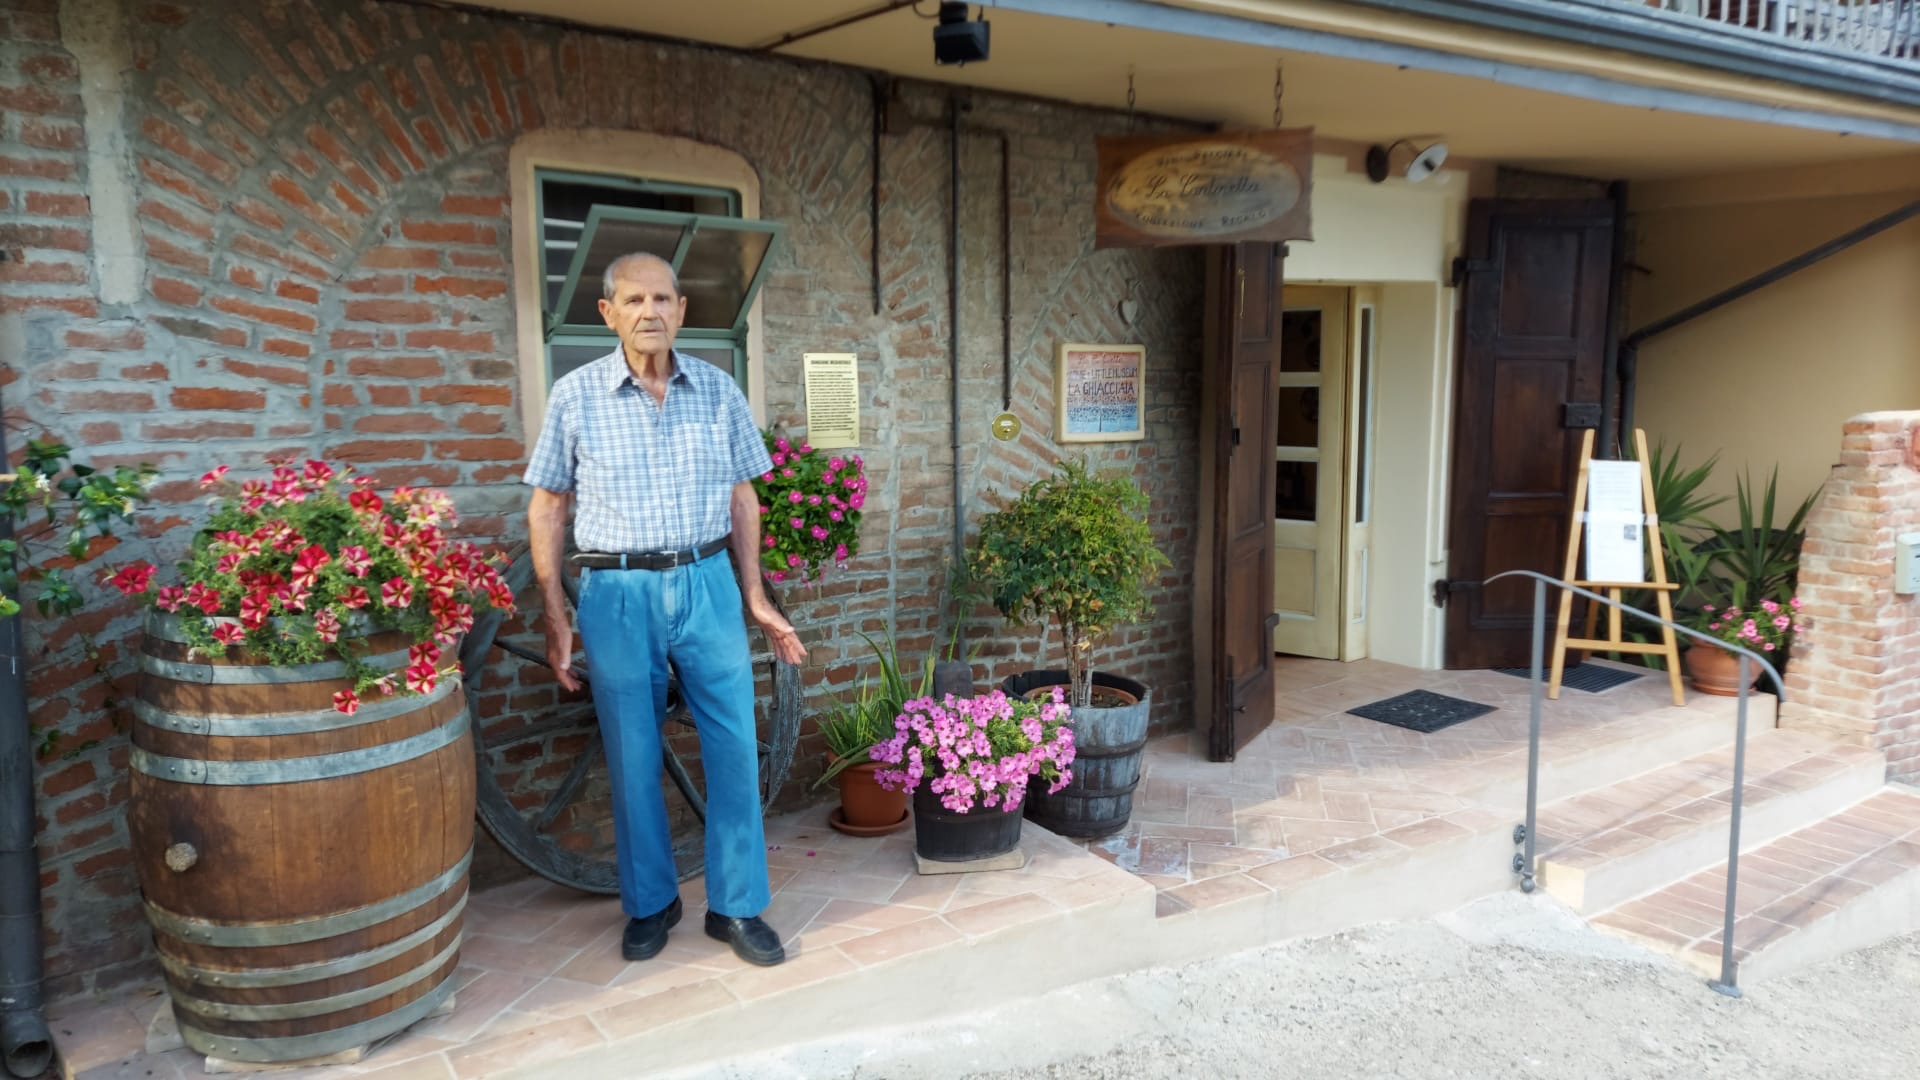 Giulio Imarisio